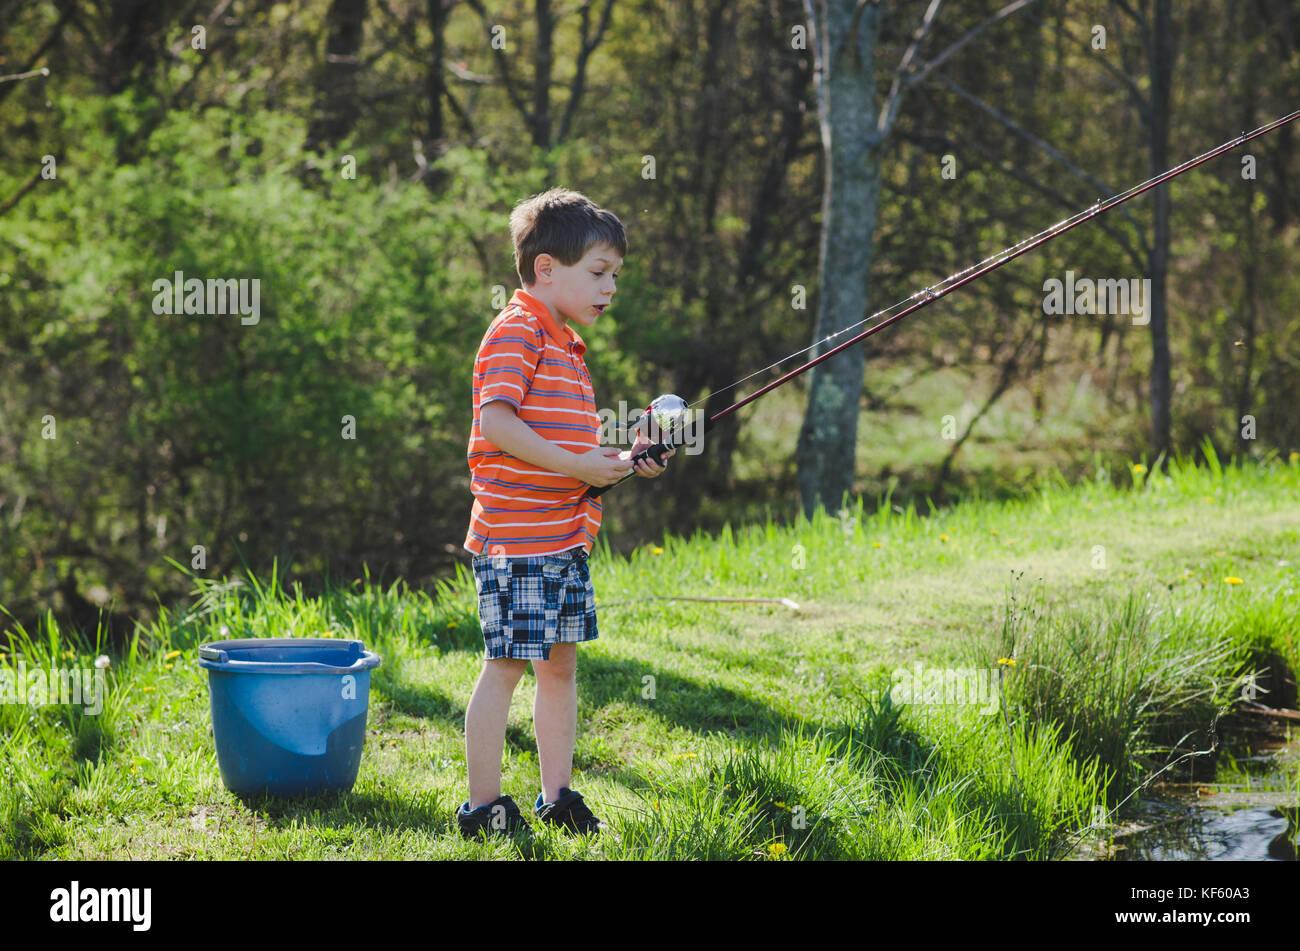 5-6 años de edad por un estanque de pesca en verano. Imagen De Stock